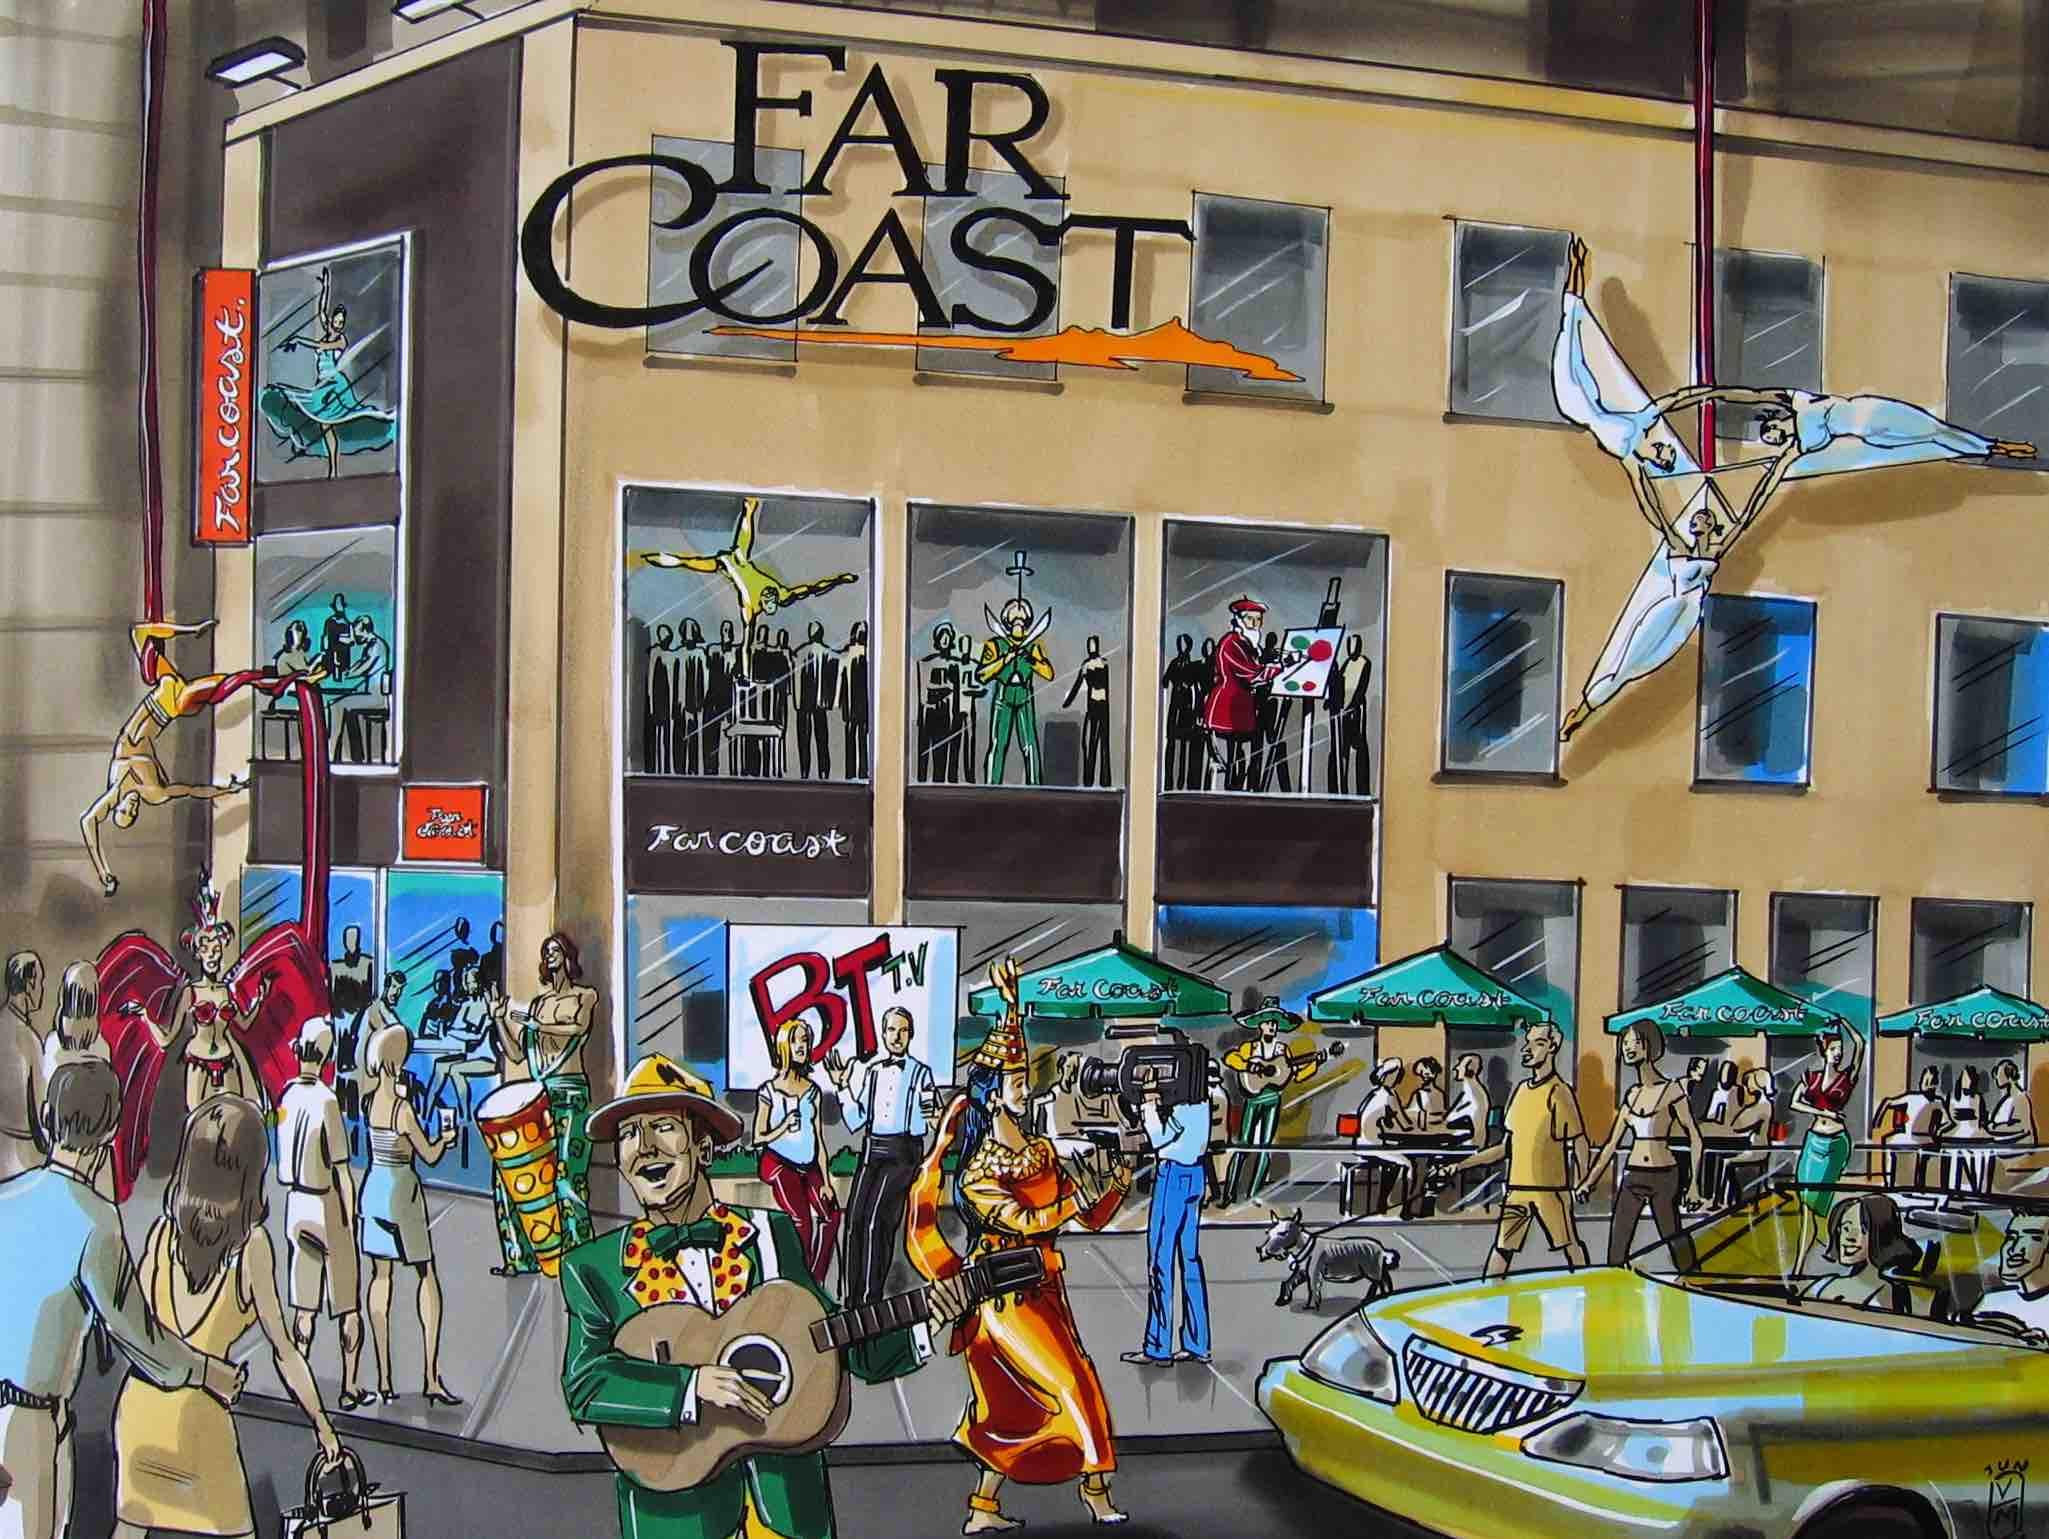 Key frame for Coca-Cola's Far Coast